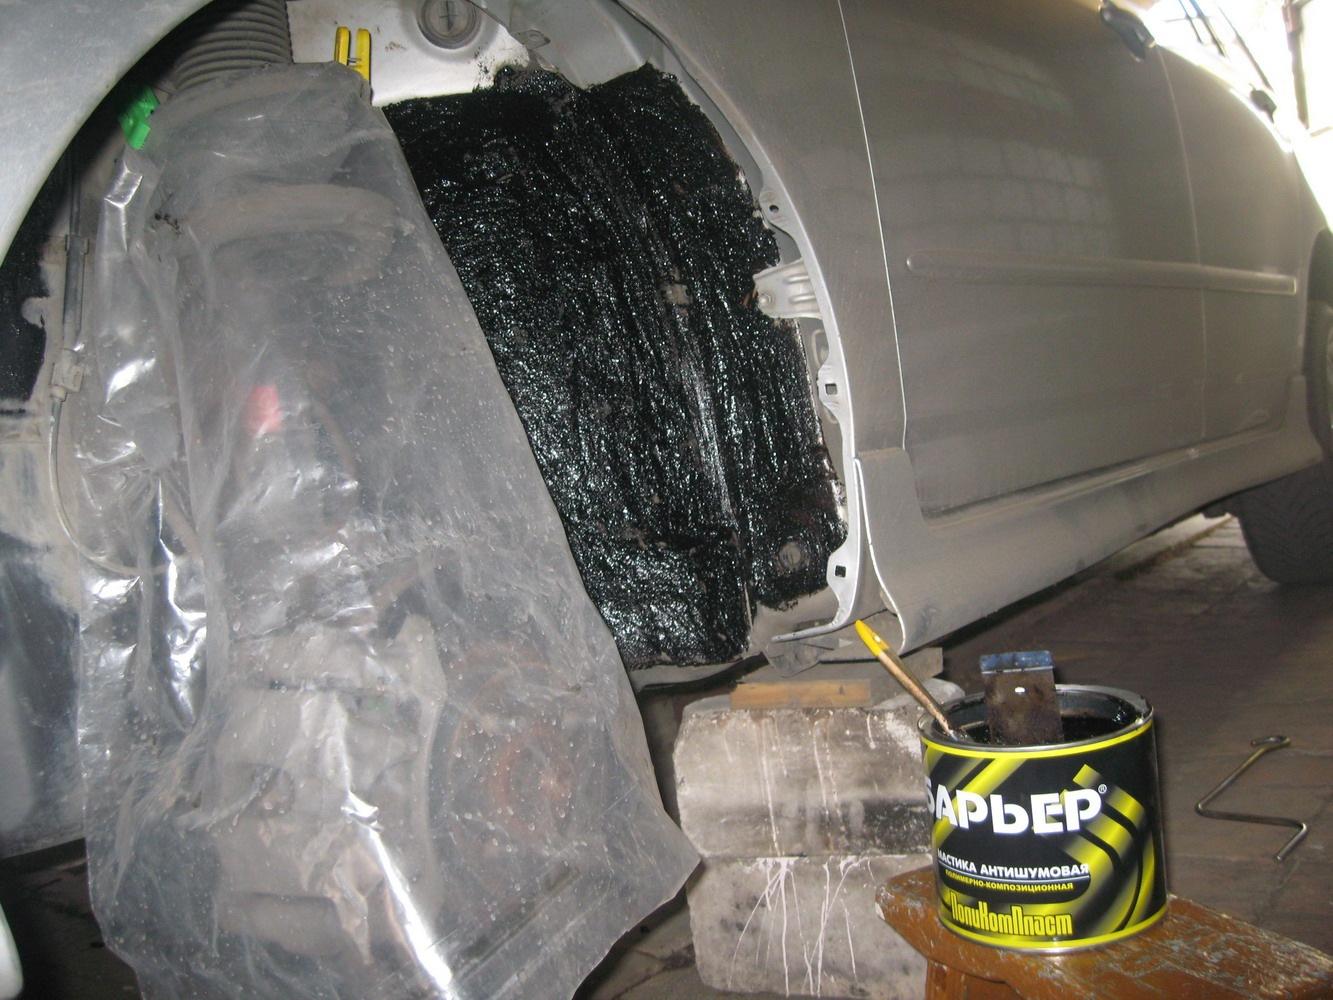 Антишумовая мастика для авто полиуретановые краски мебель